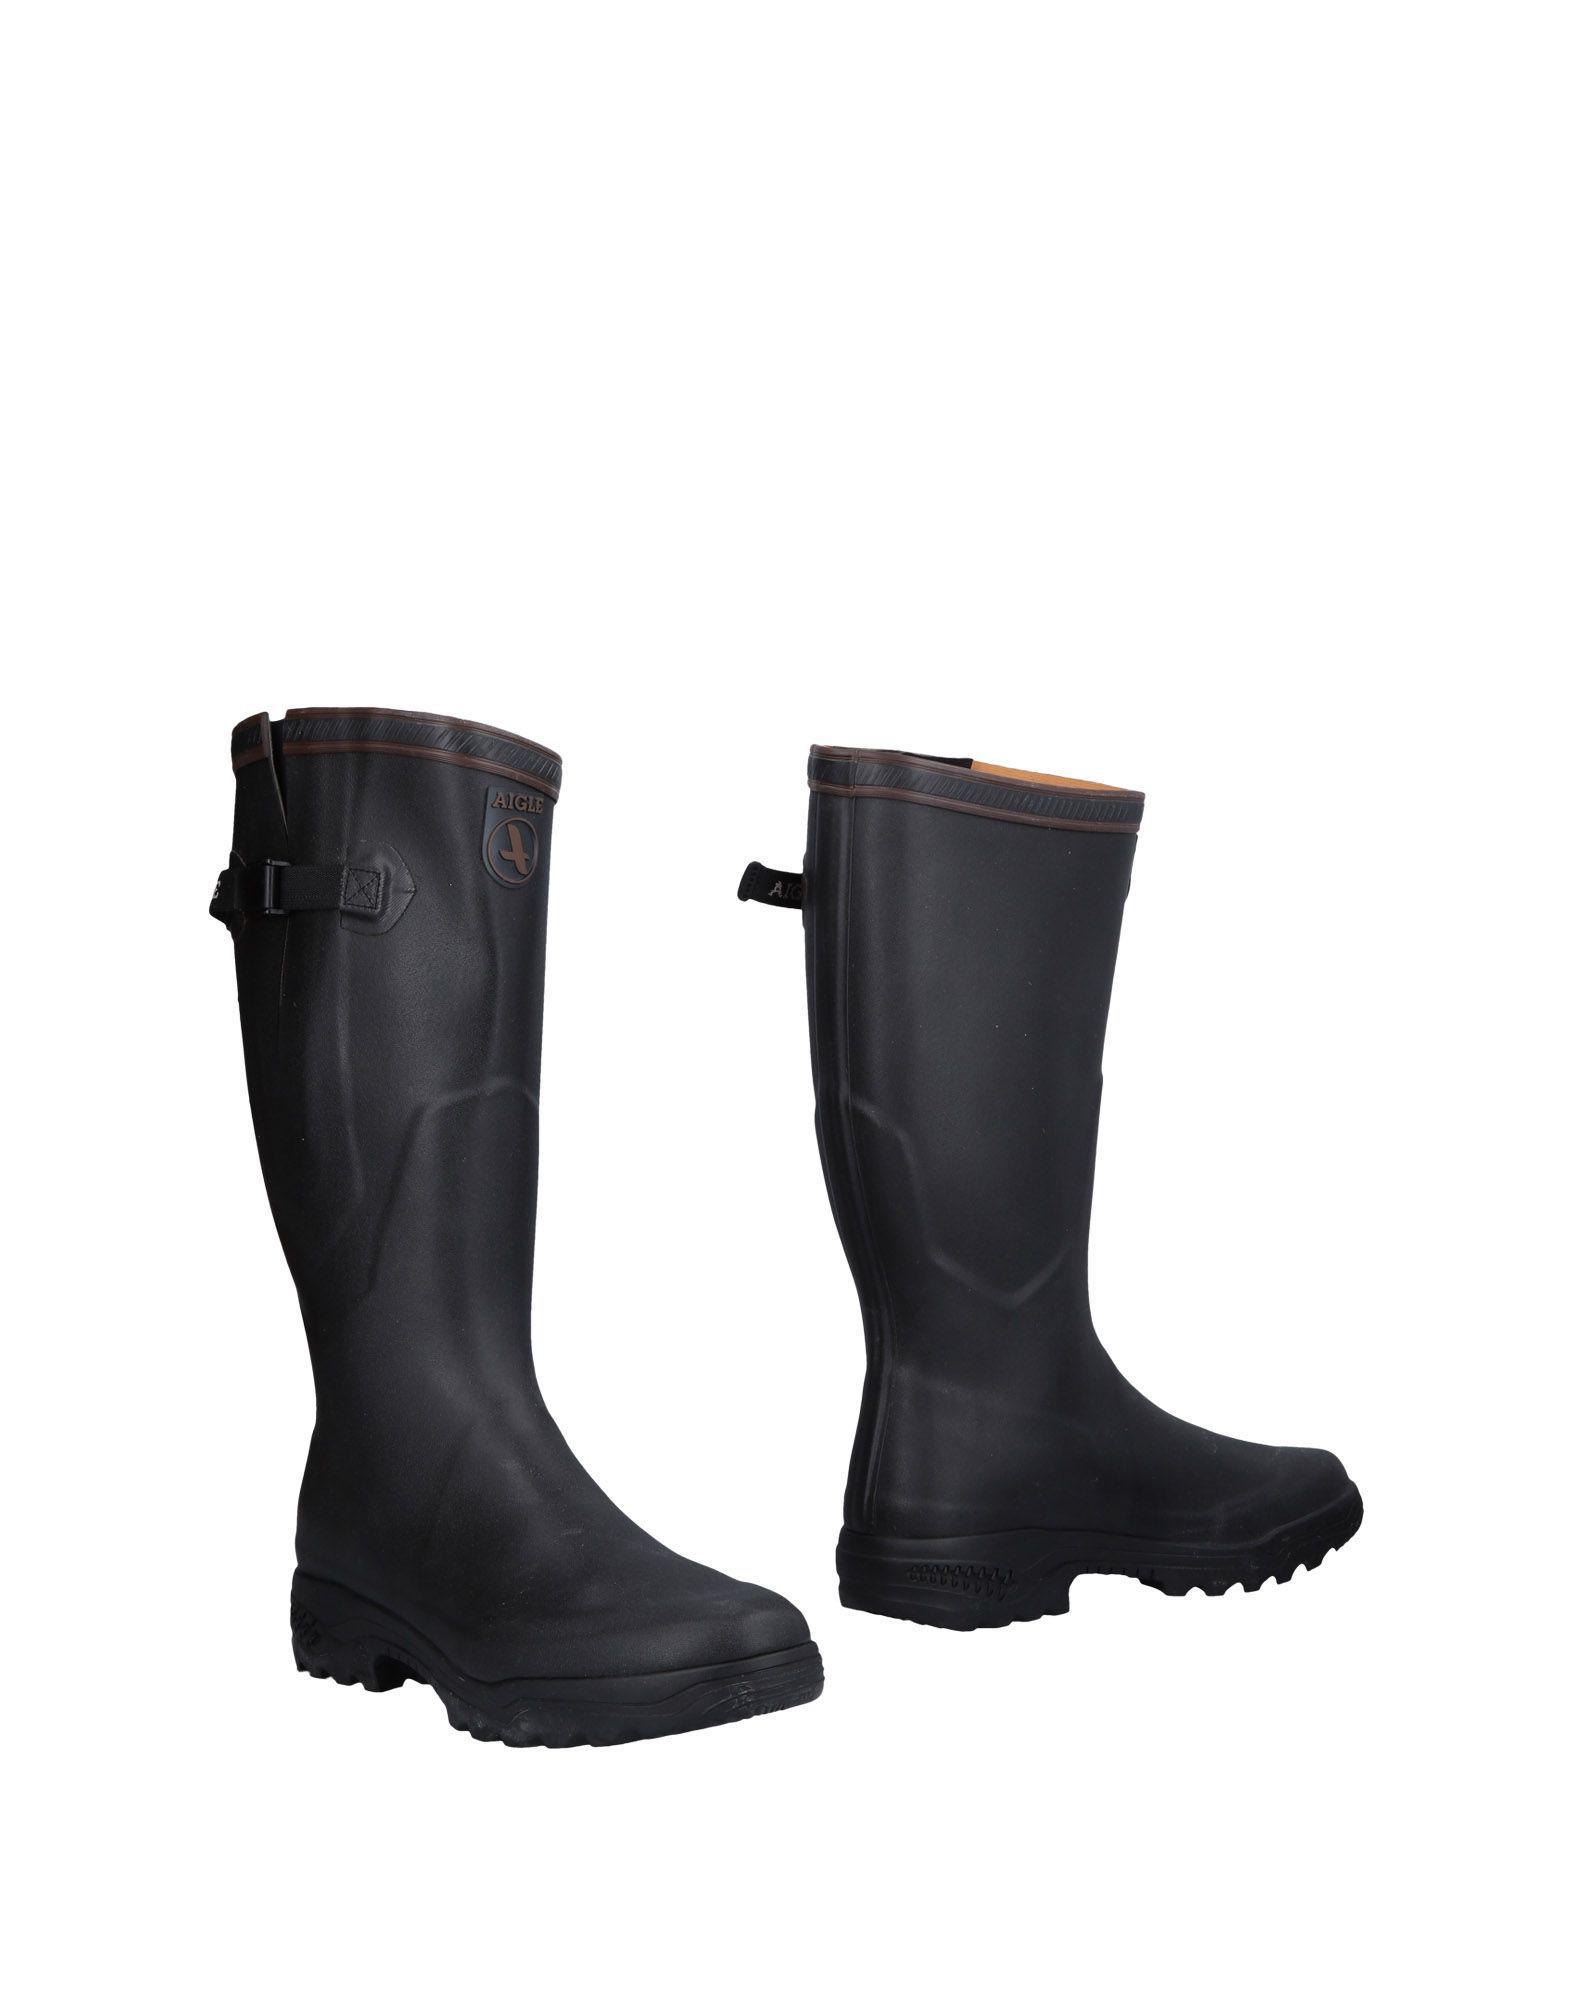 6fc1edd62a3f Aigle - Black Boots - Lyst. View fullscreen